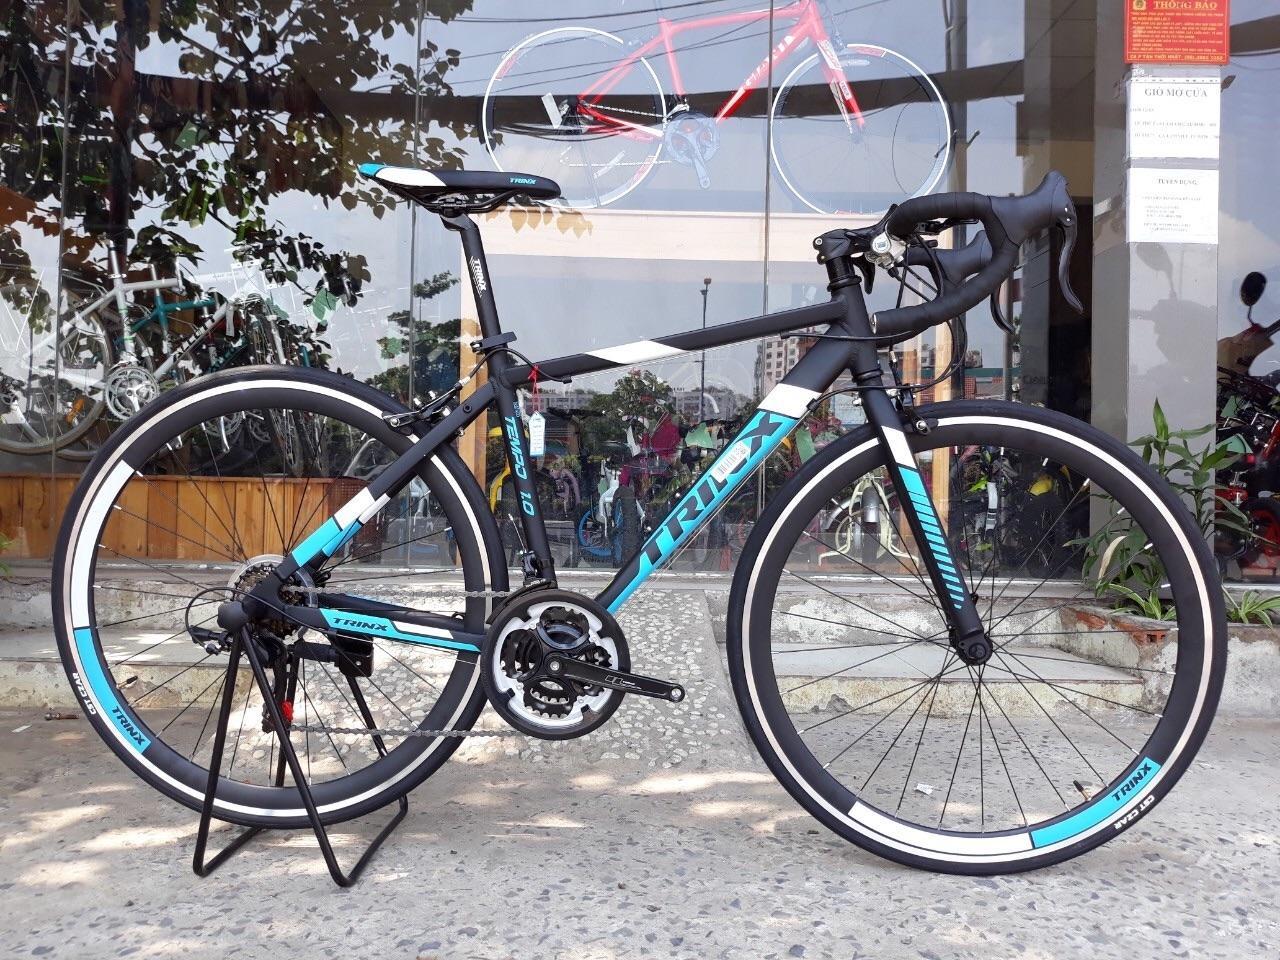 Mua Xe đạp đua TRINX TEMPO1.0 2018 đen xanh lá trắng